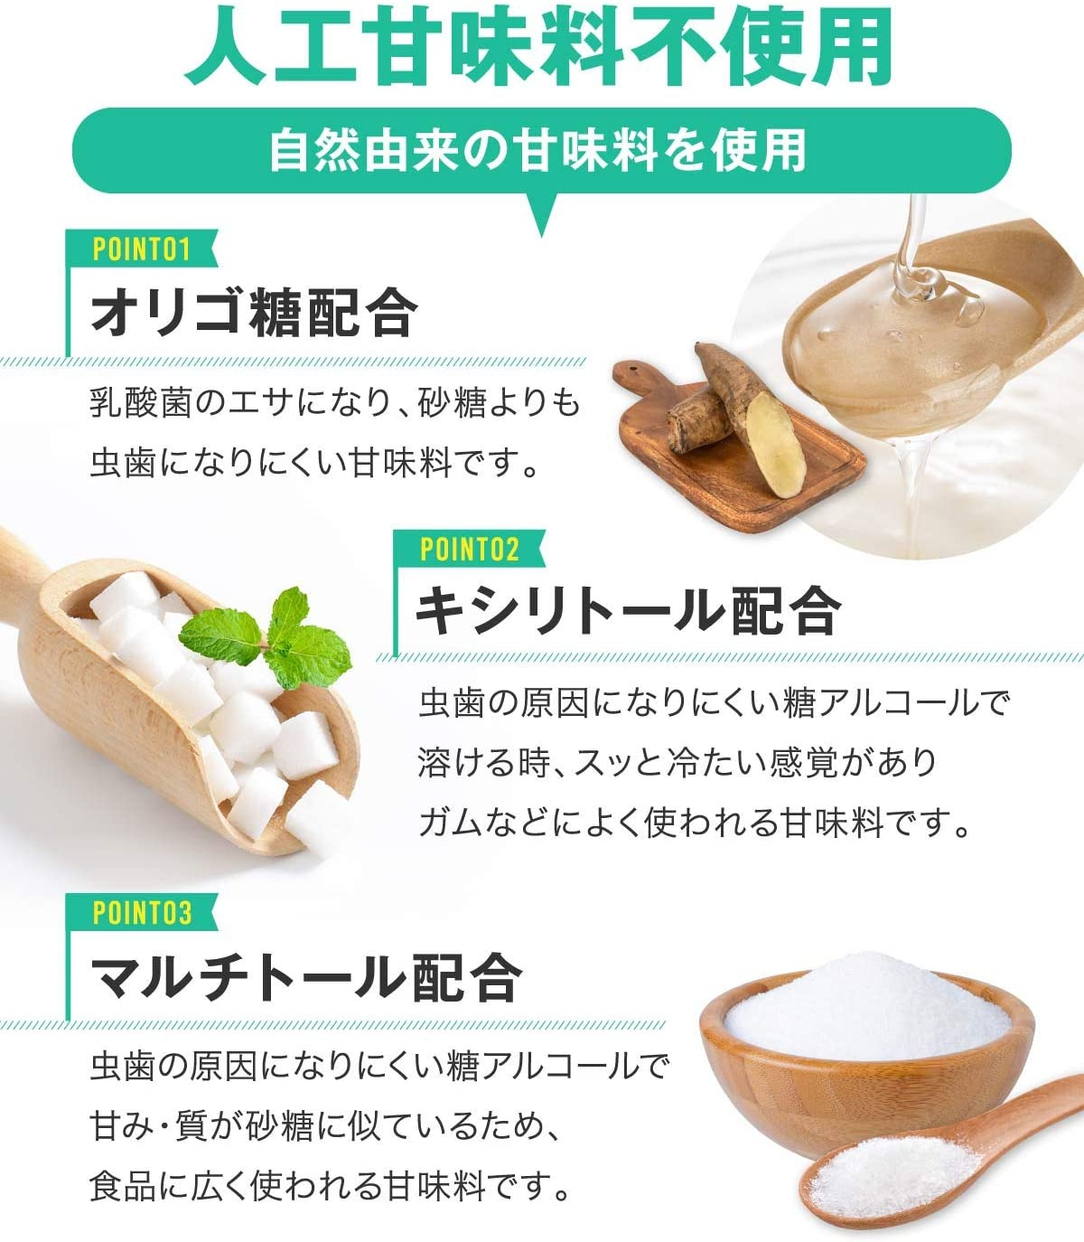 協和食研 ロイテリ菌 タブレット ロイタブの商品画像4